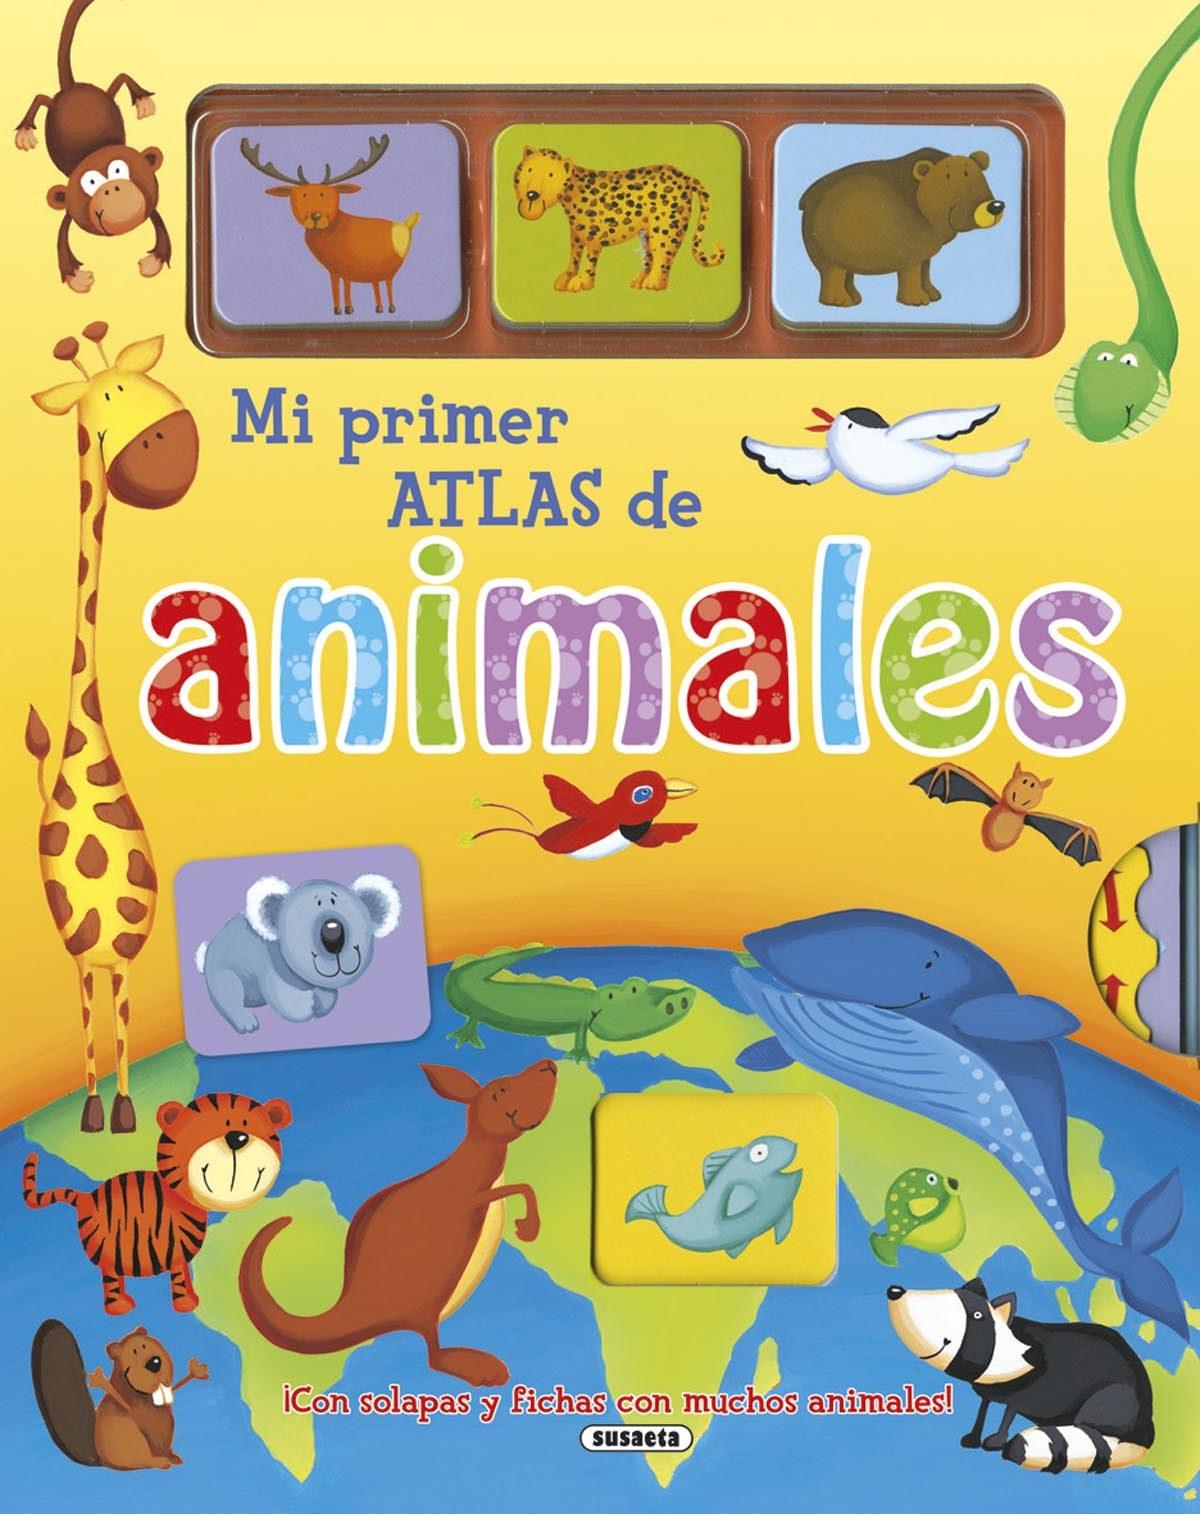 Mi primer atlas de animales - Apsley, Brenda